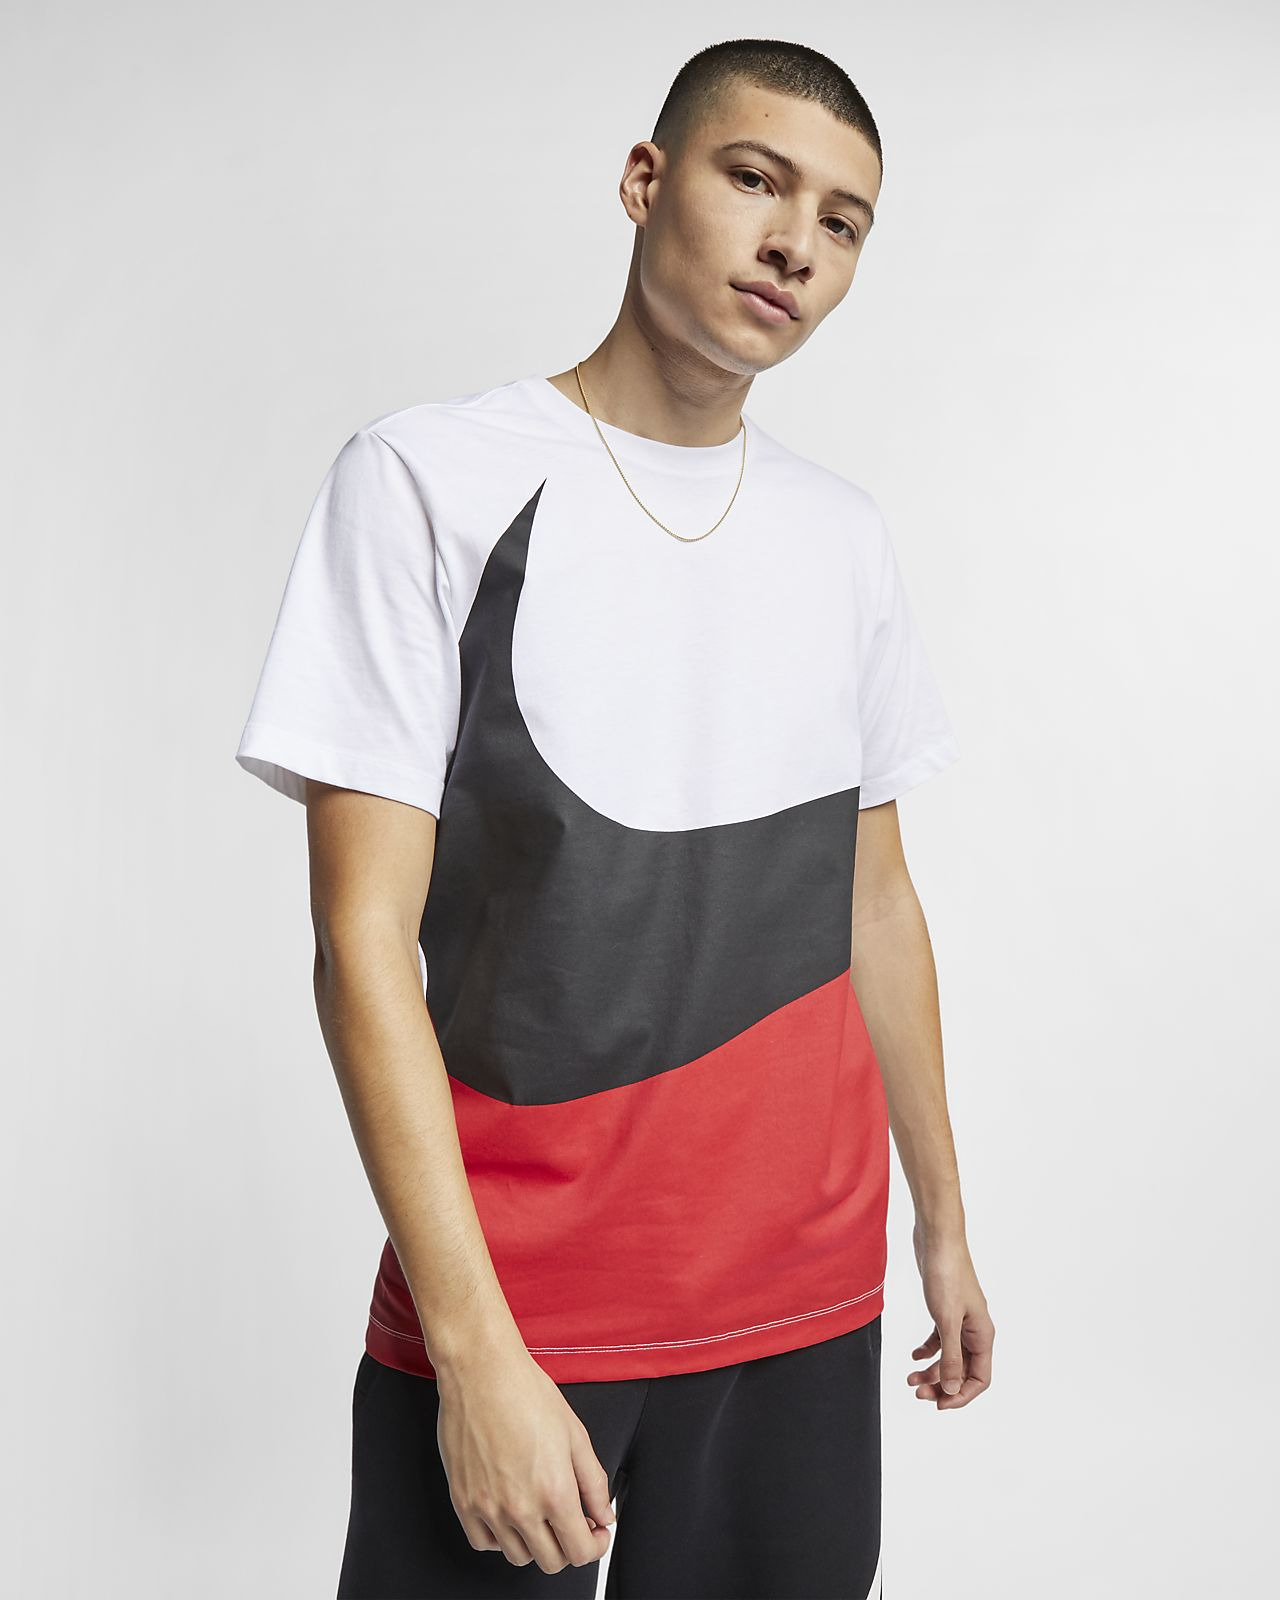 ナイキ スポーツウェア スウッシュ メンズ Tシャツ